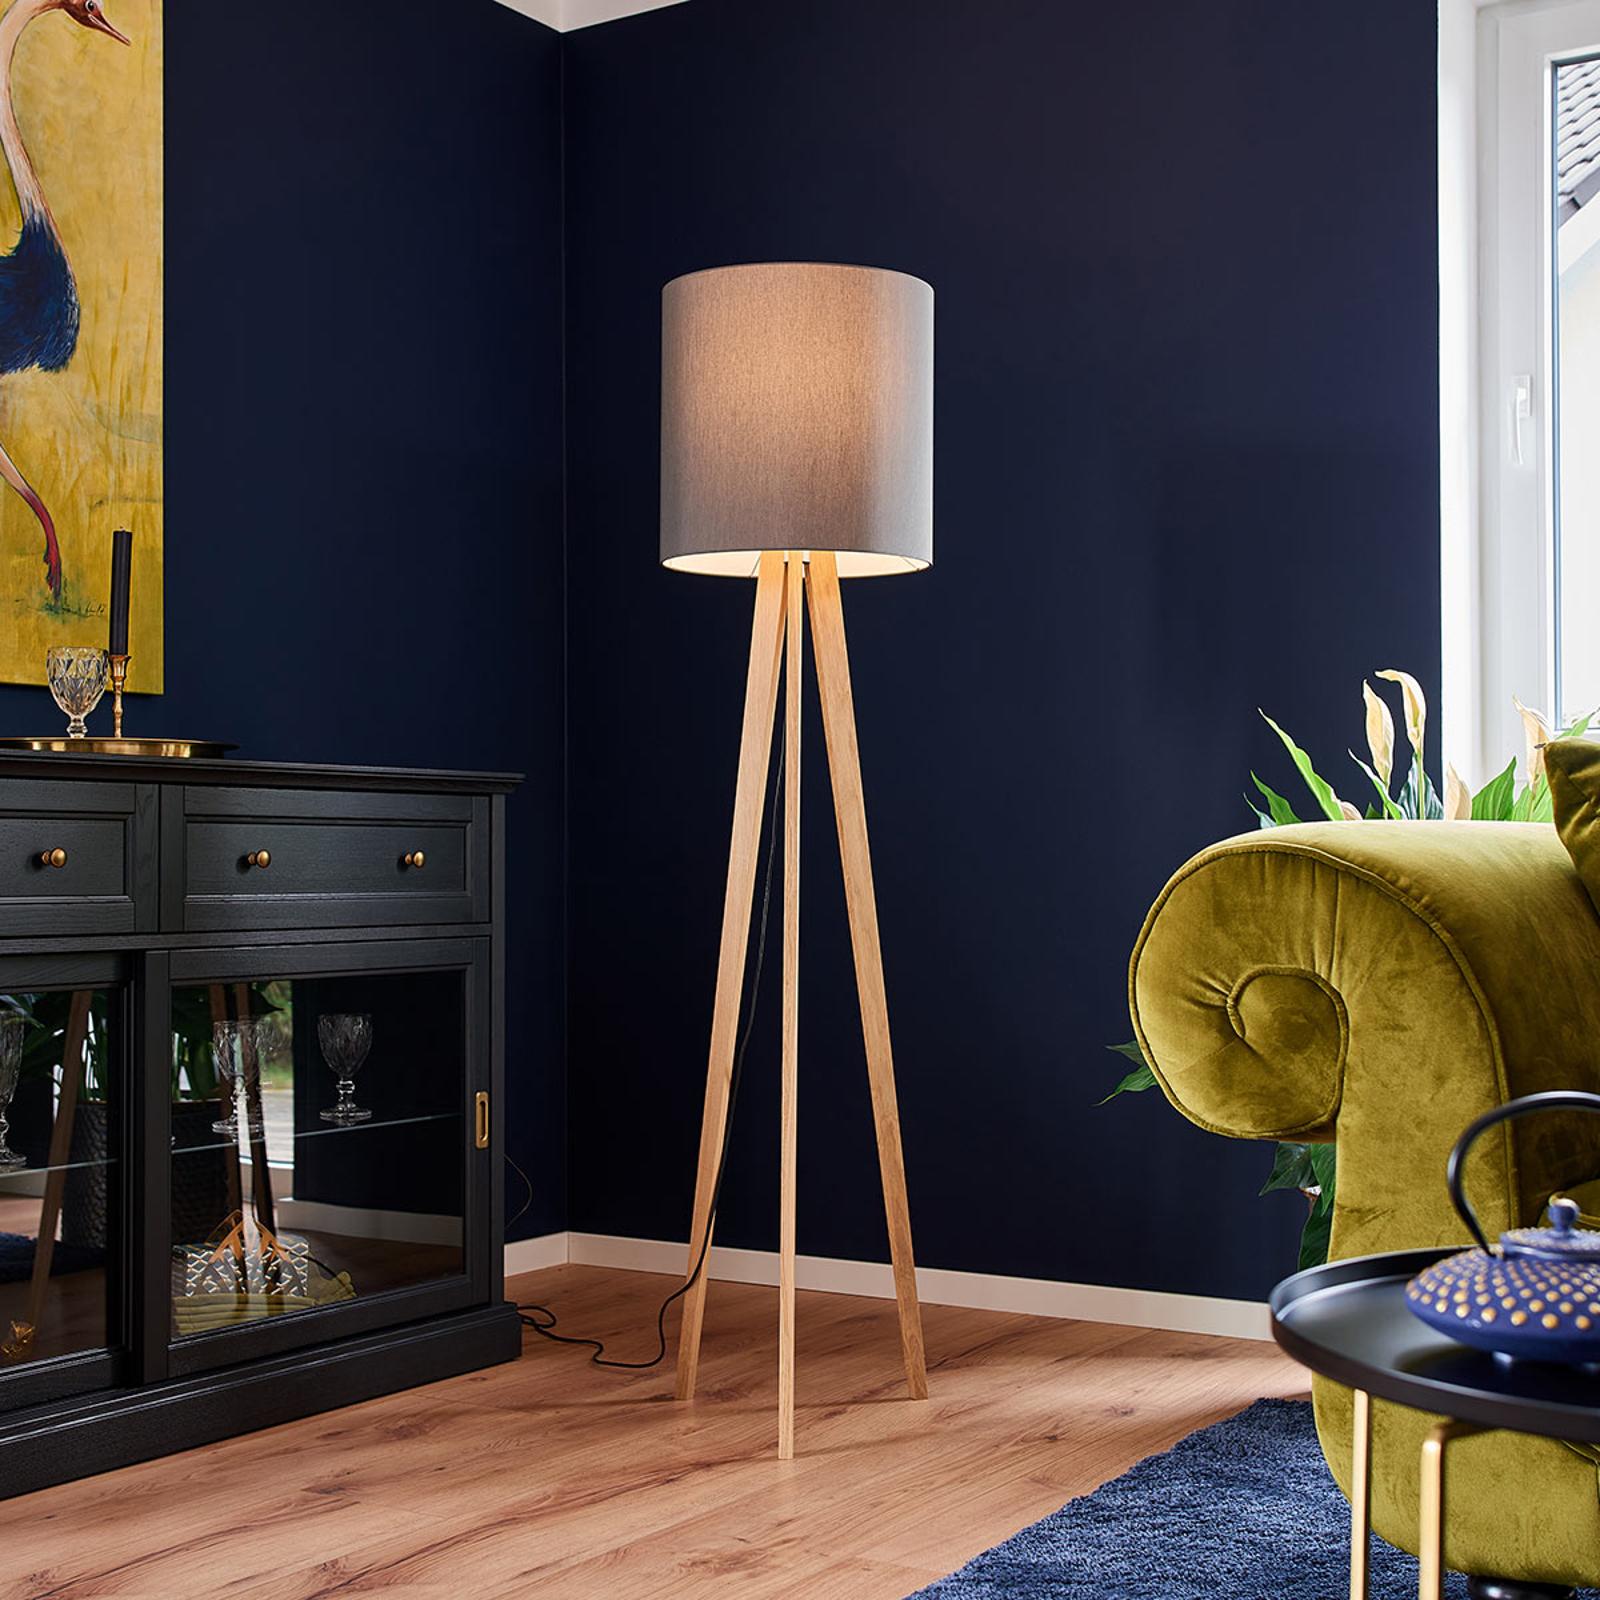 Tekstil standerlampe Nida med træstel, grafitgrå